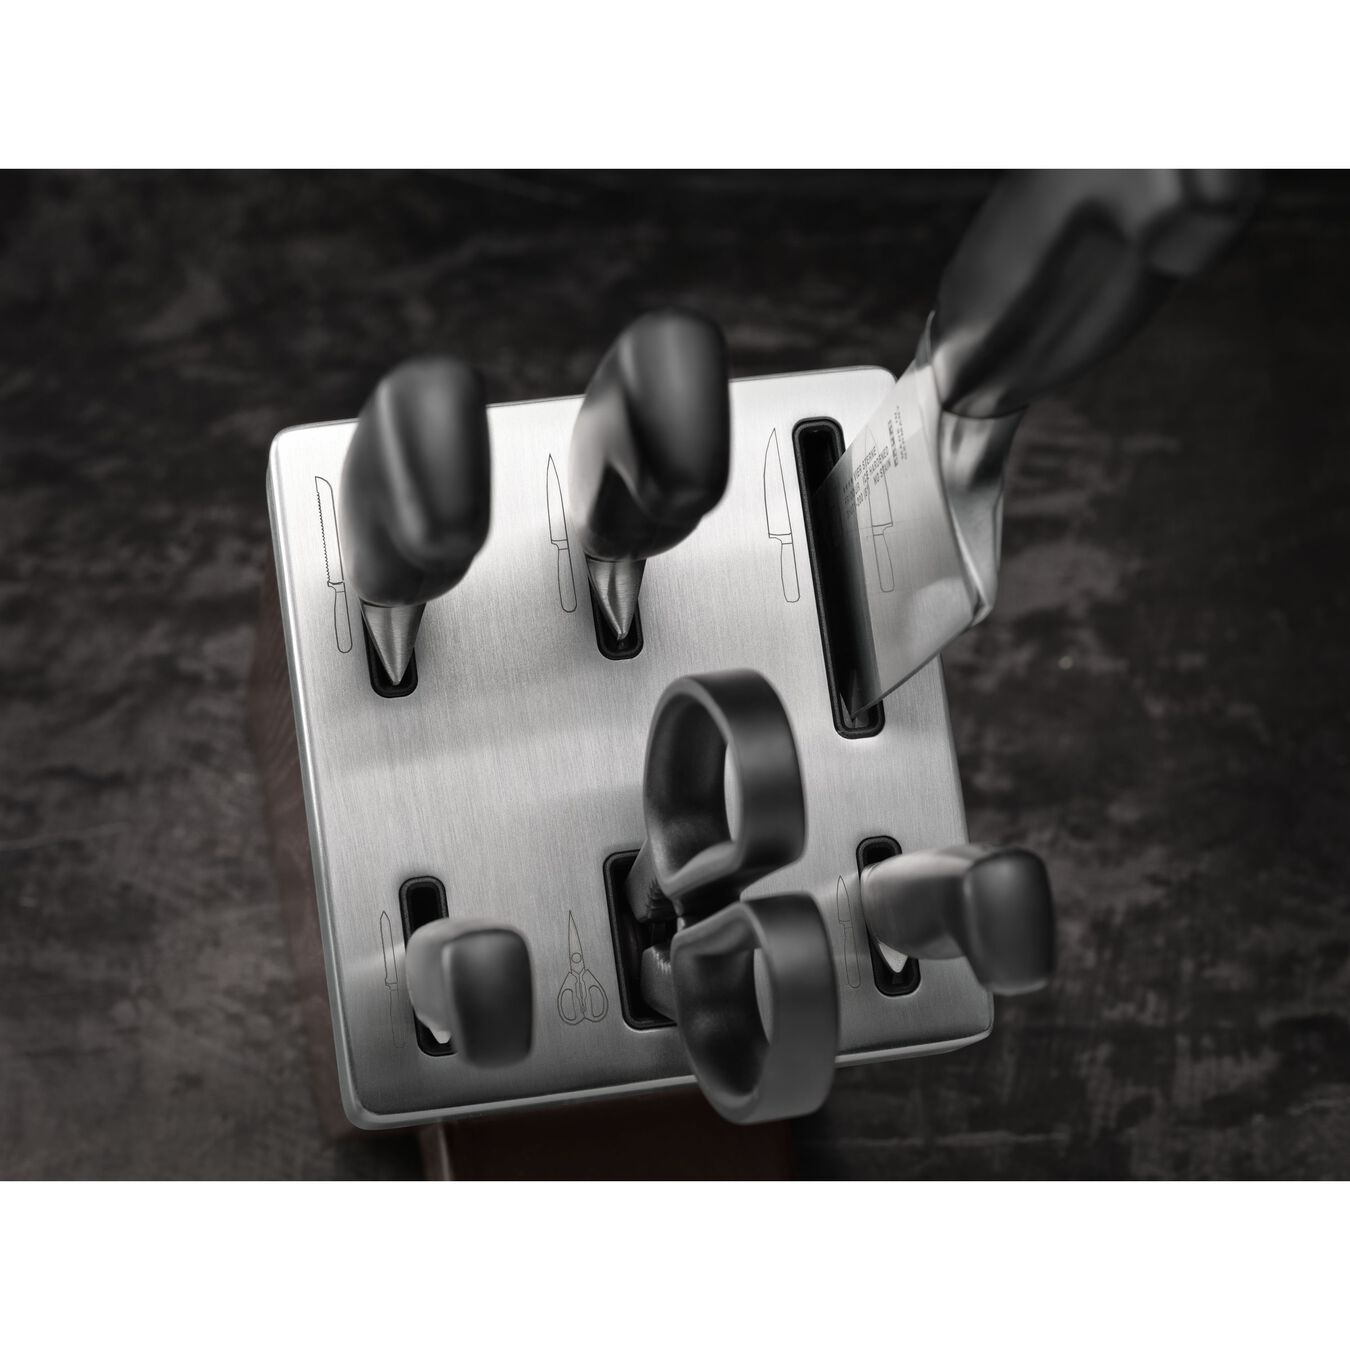 Set di coltelli con ceppo con sistema autoaffilante - 7-pz., grigio,,large 2